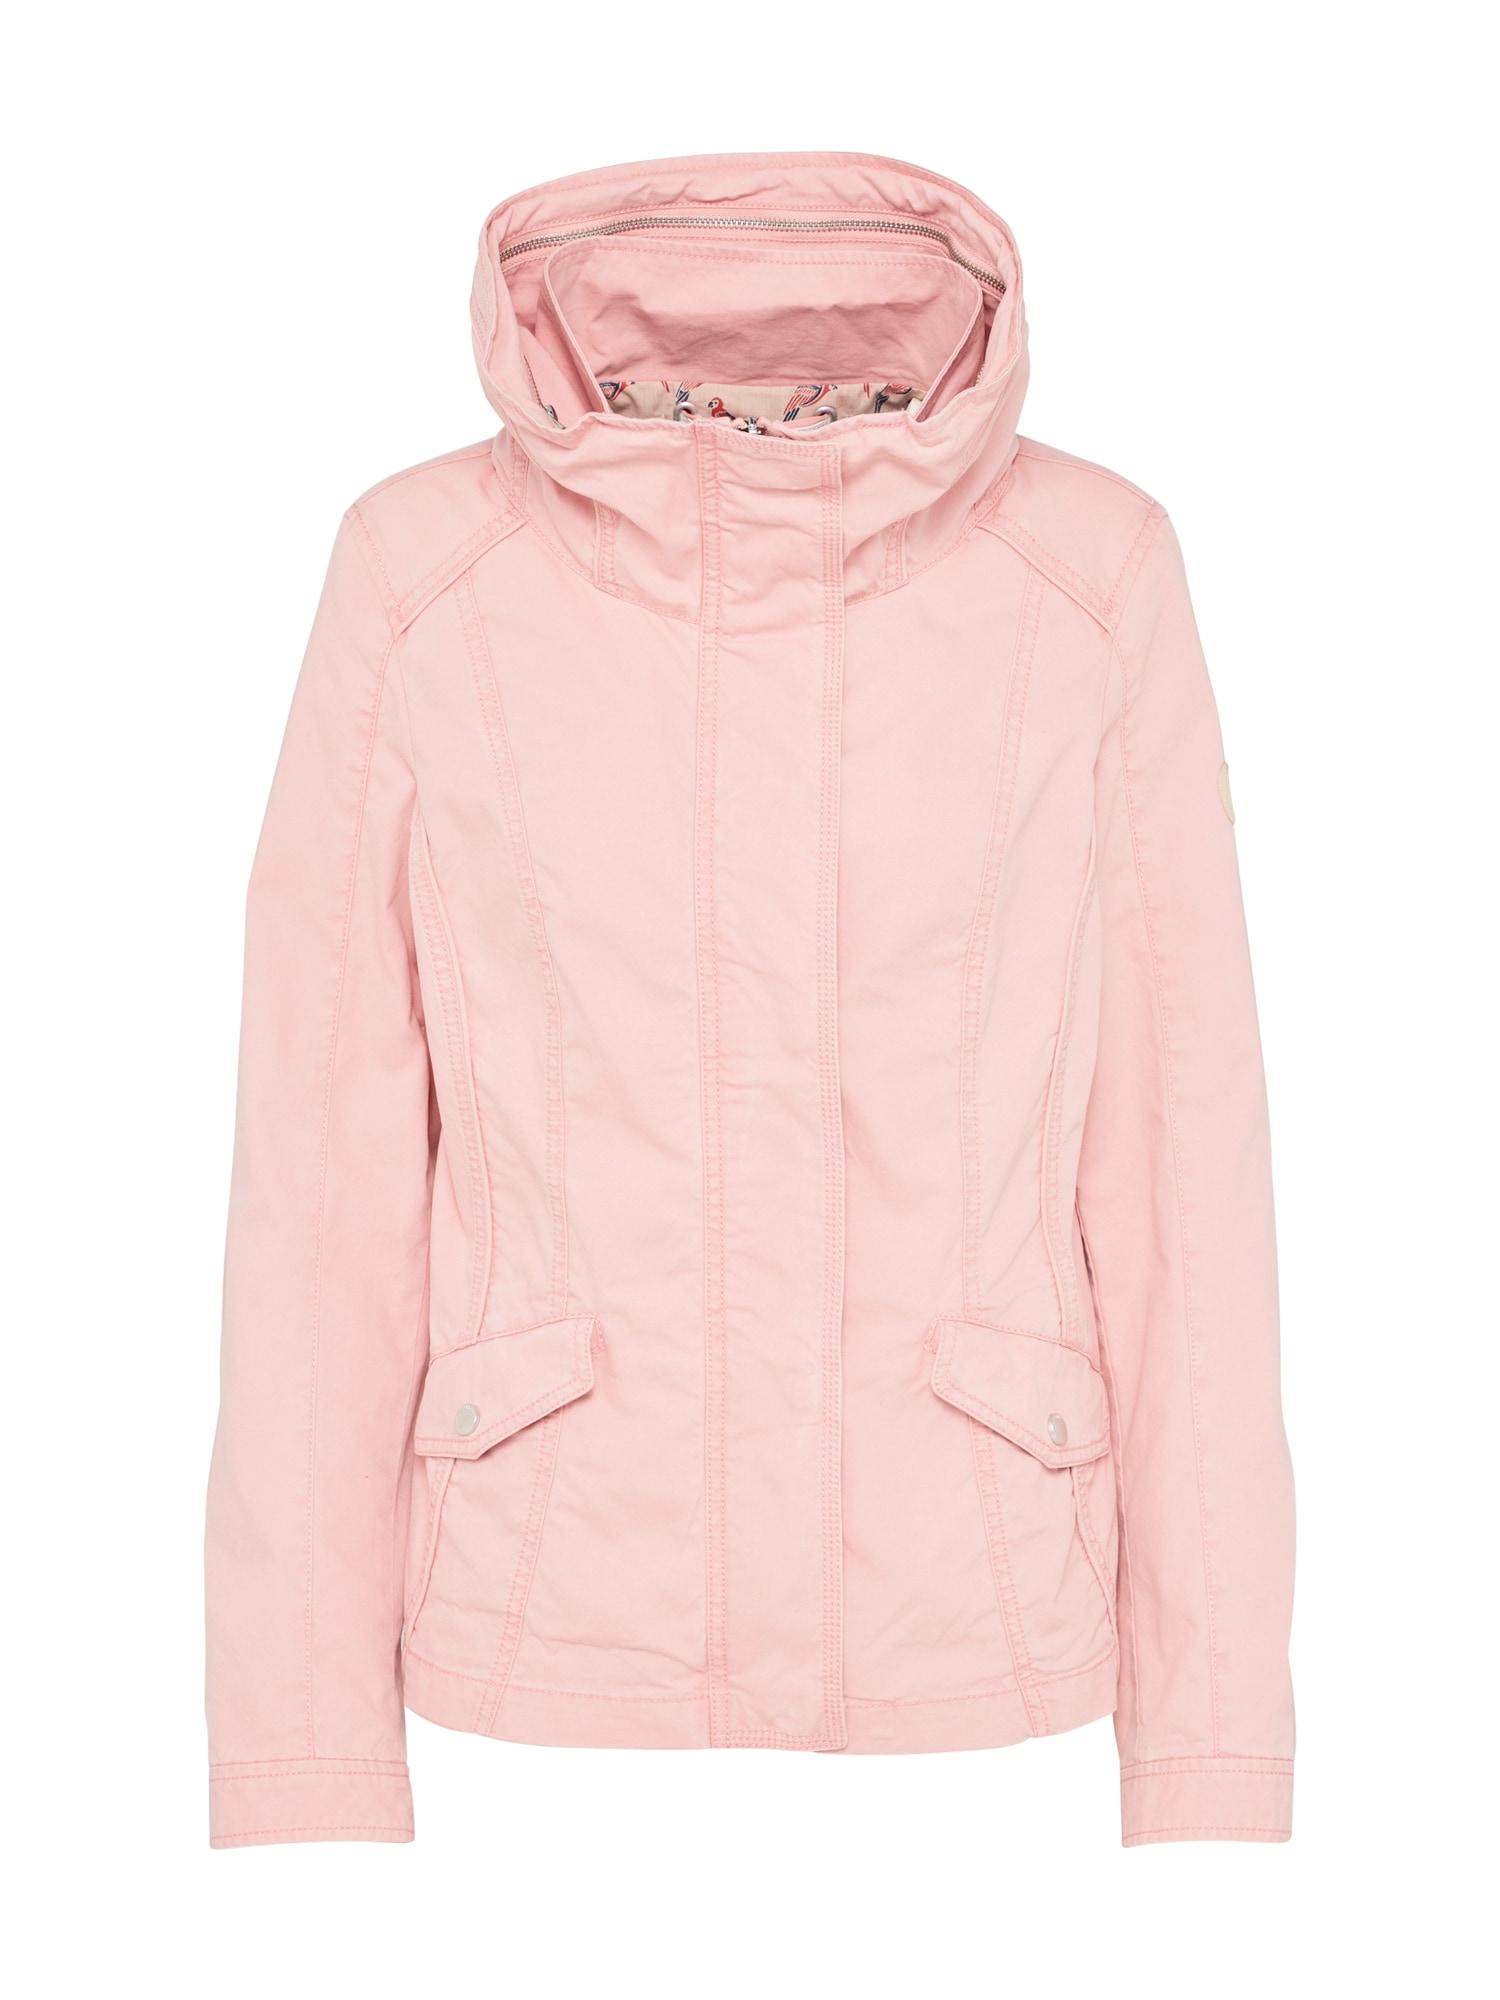 Přechodná bunda onlDORIS růžová ONLY